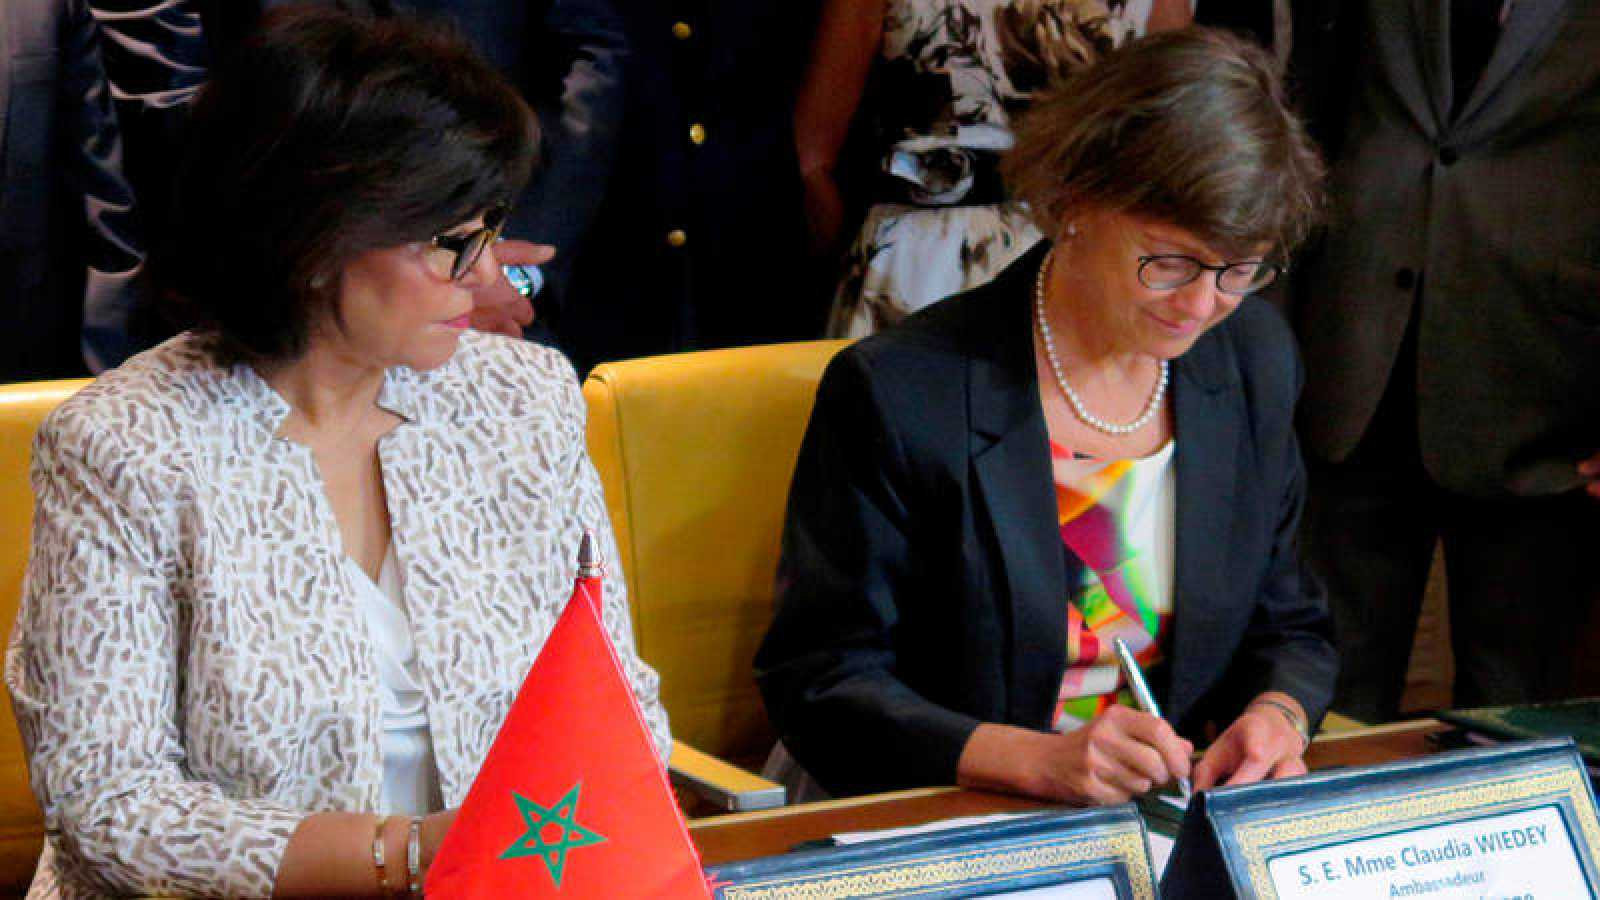 La embajadora de la UE en Rabat, Claudia Wiedy, y la secretaria general del Departamento de Pesca en el Ministerio marroquí de Agricultura, Zakia Driouich durante la firma, en julio de 2018, de un nuevo acuerdo pesquero